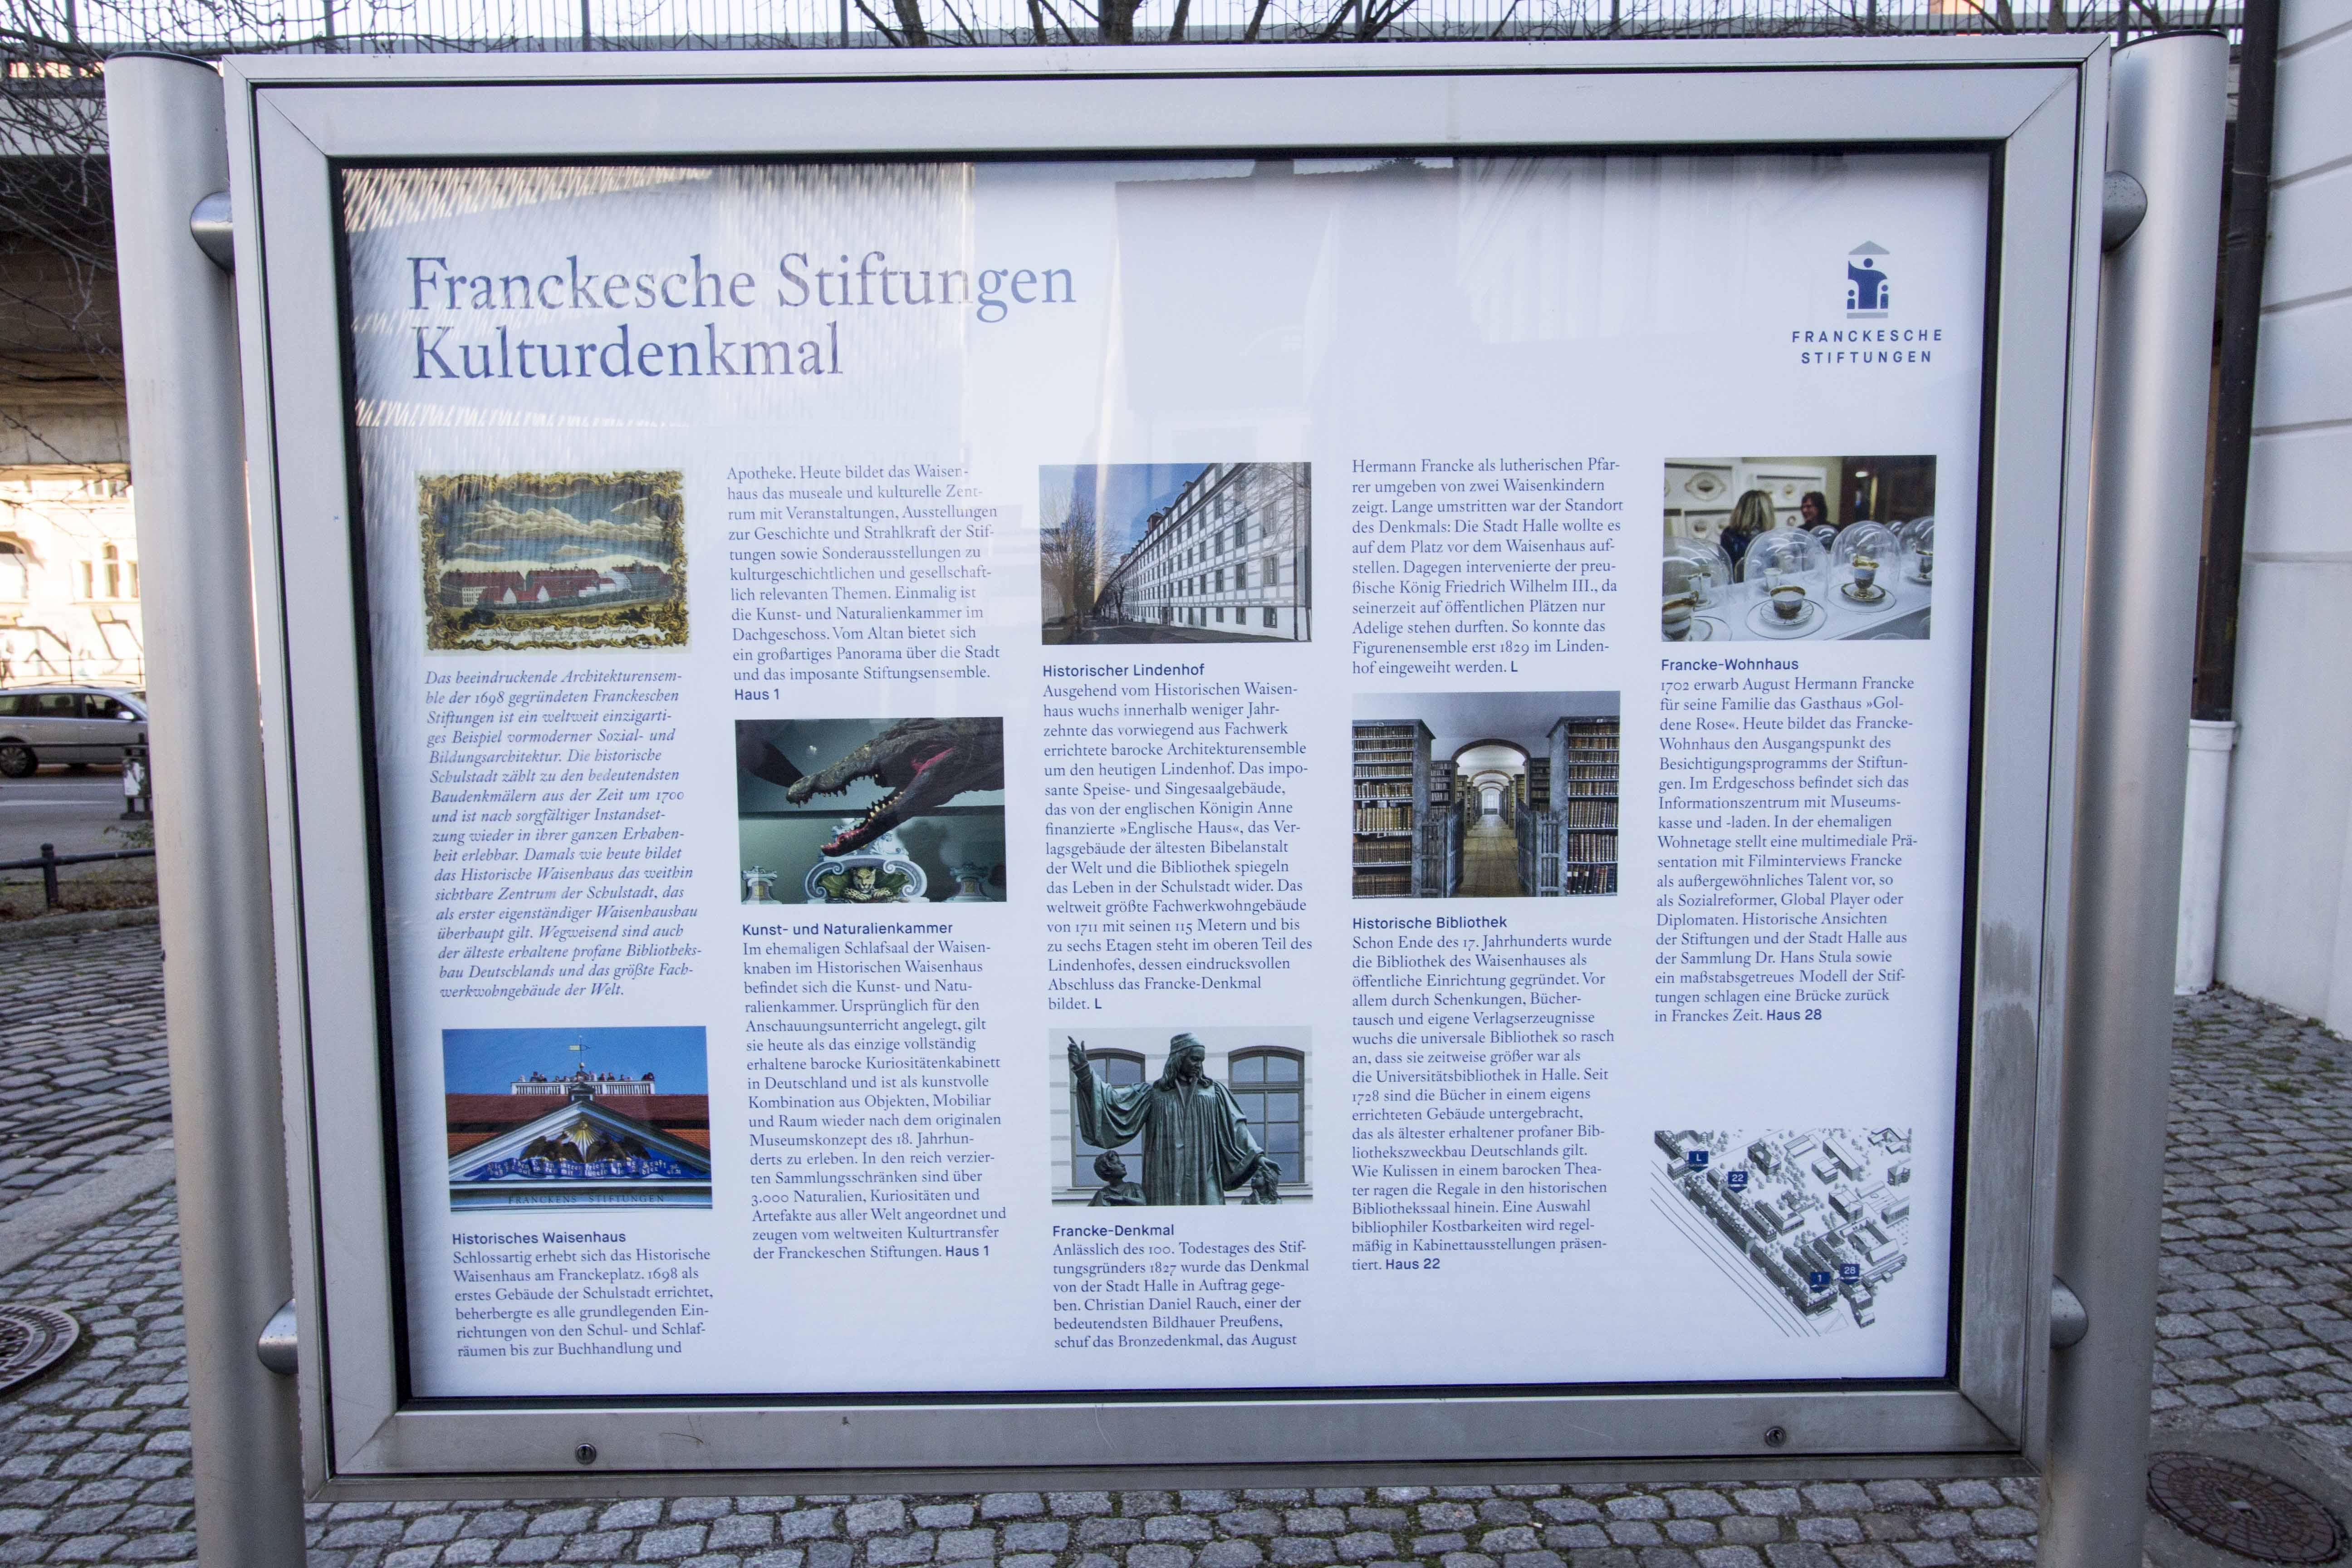 Francke Stiftungen_1